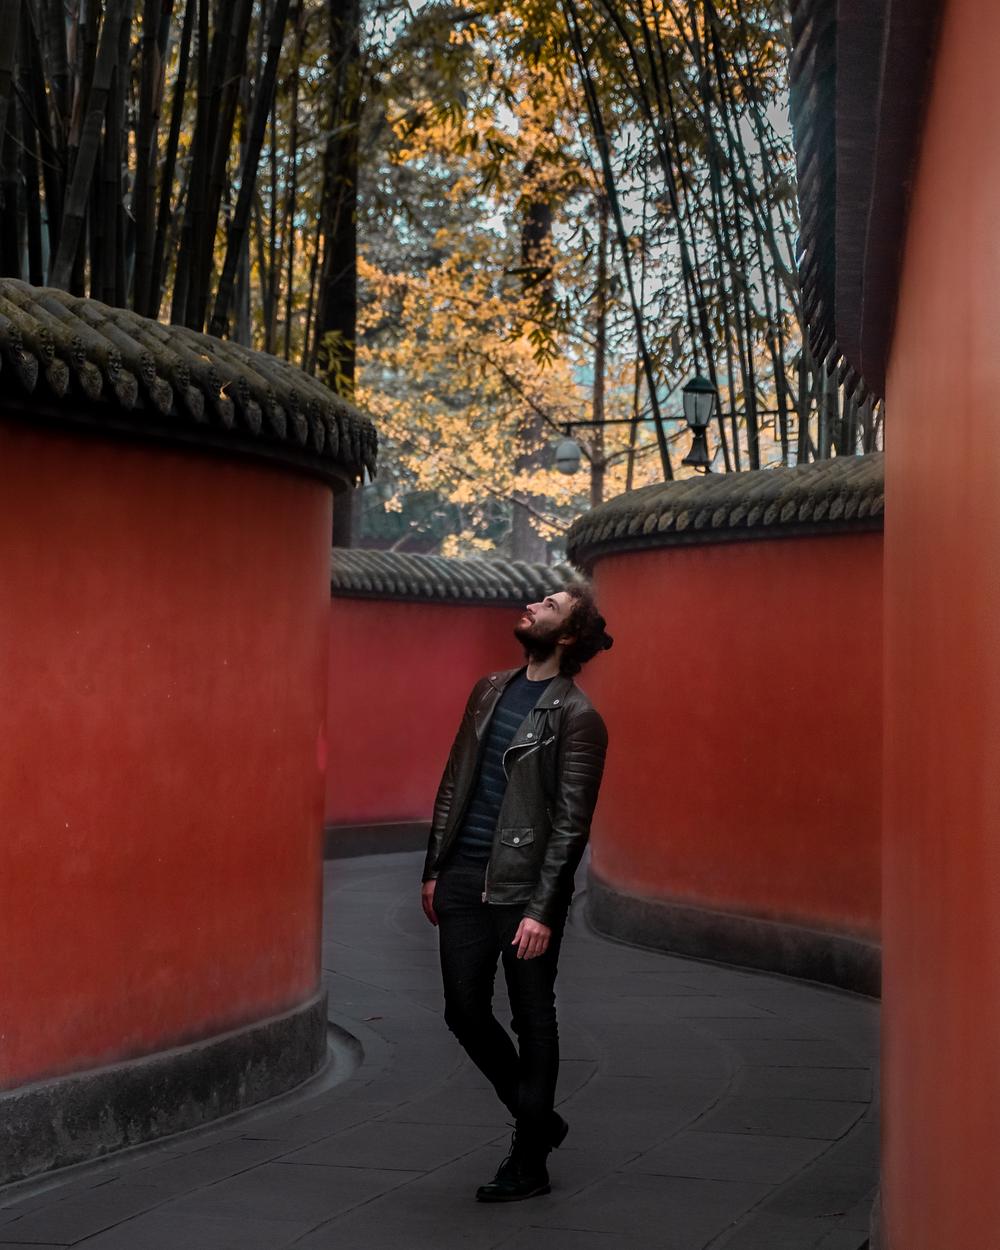 Chengdu Wuhou shrine